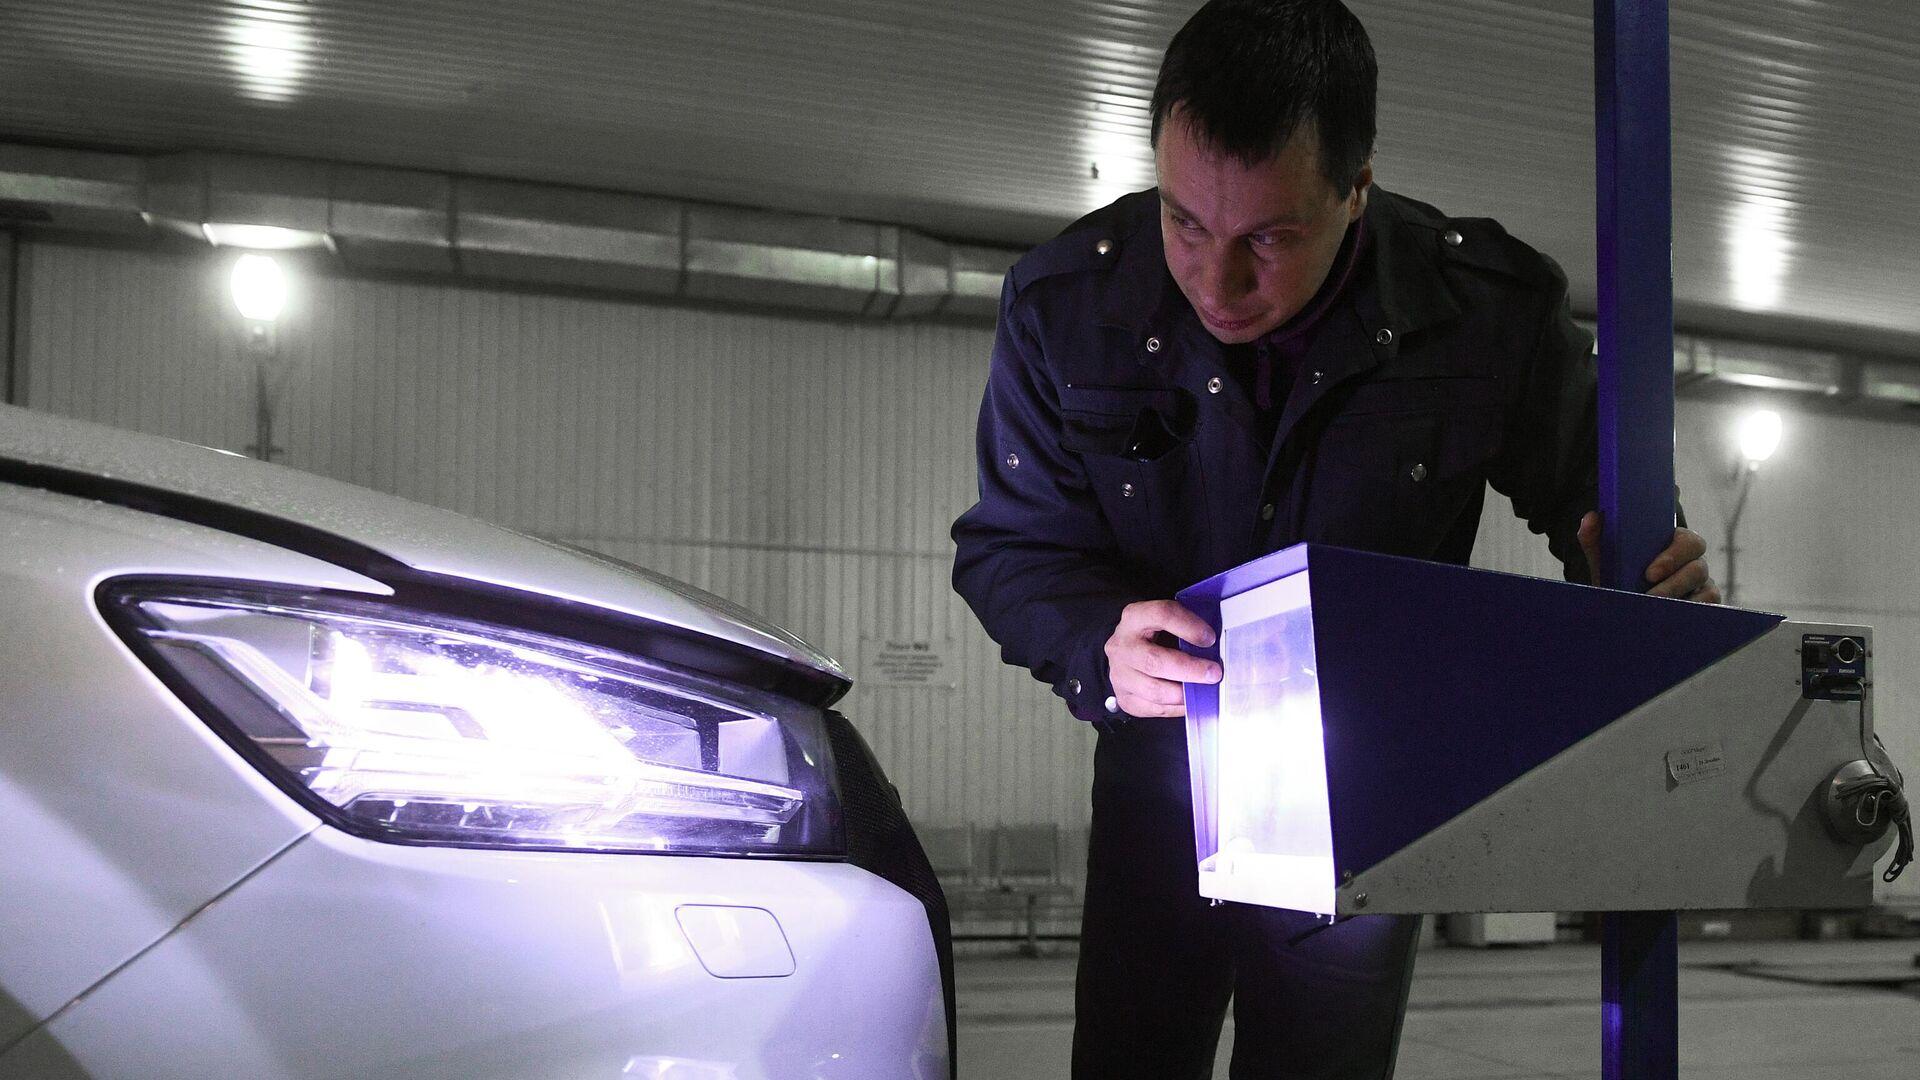 Технический эксперт проводит осмотр автомобиля на пункте техосмотра в Новосибирске - РИА Новости, 1920, 08.01.2021